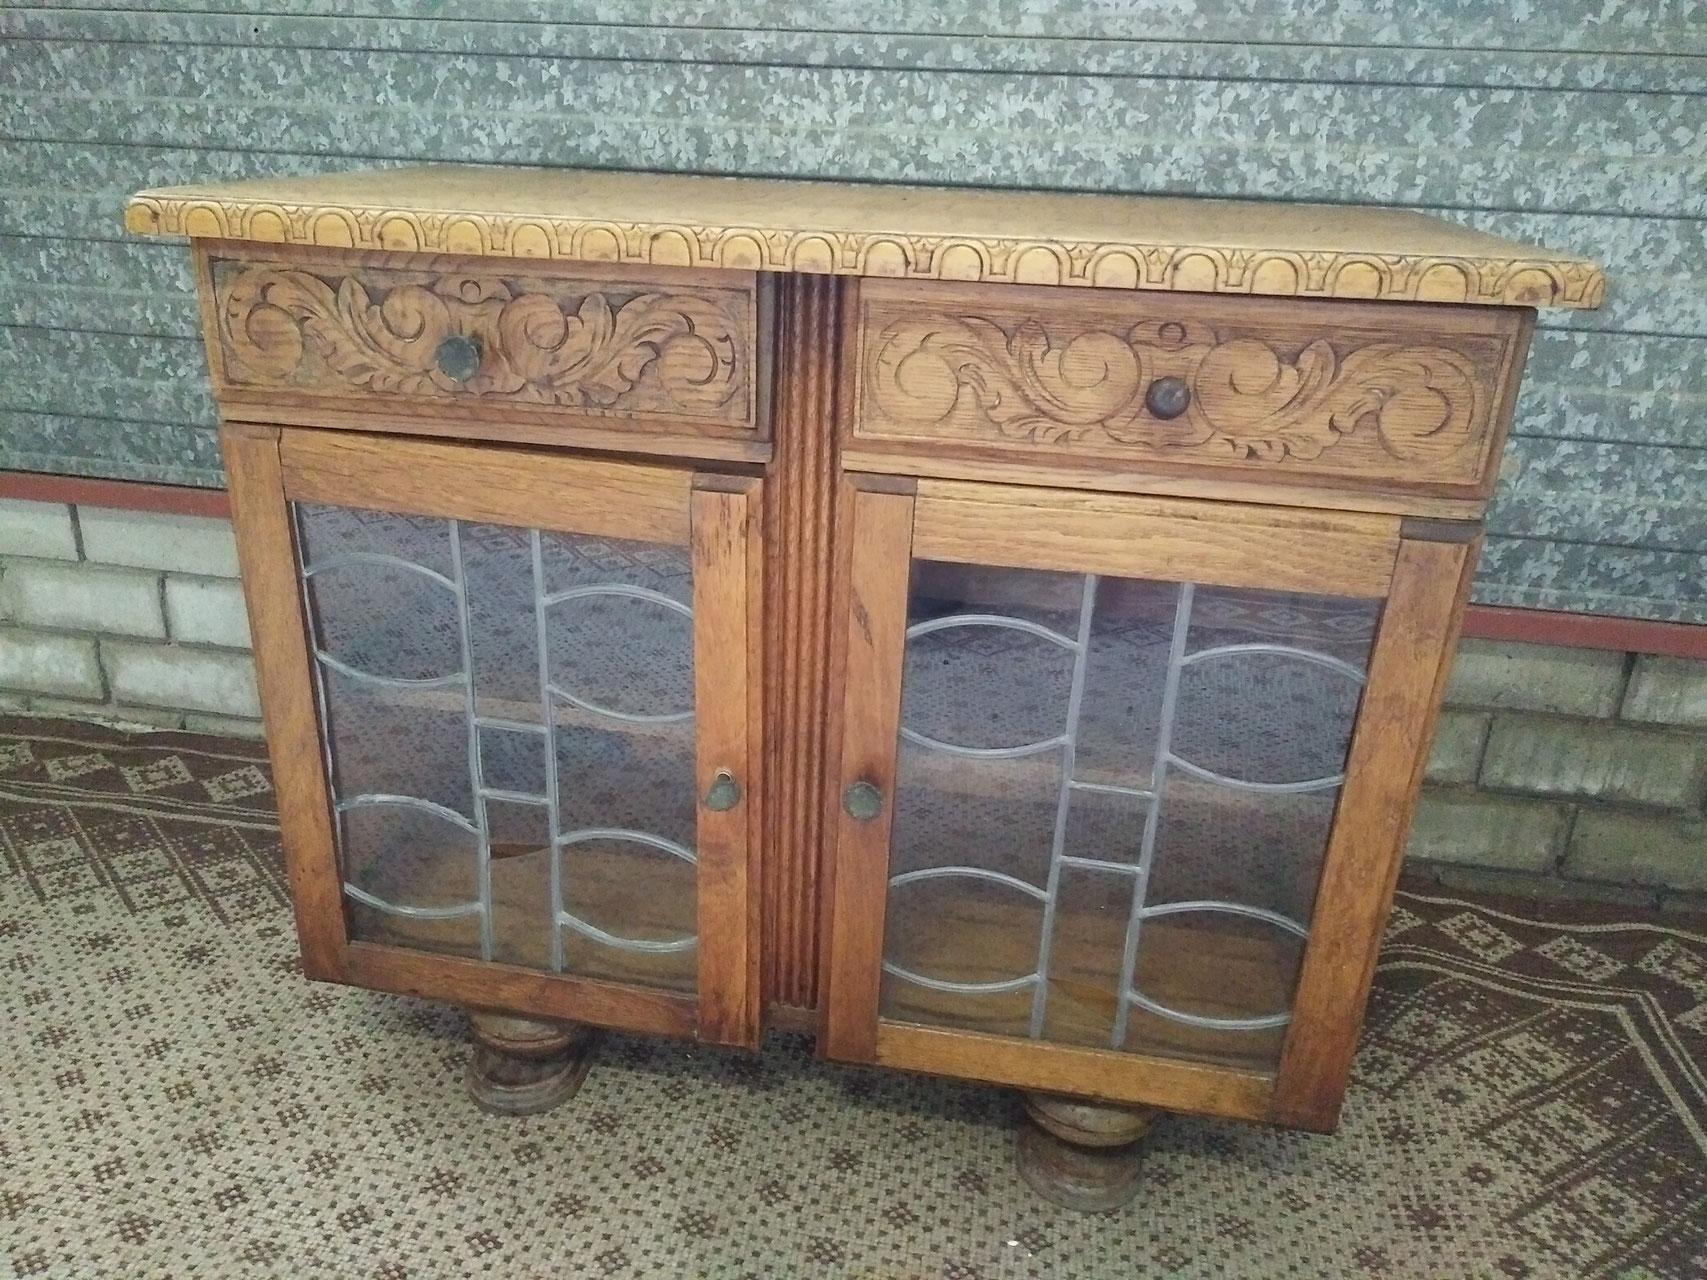 Goedkope Pc Kast : Goedkope oude kasten en tweedehands of antieke dressoirs loohuis